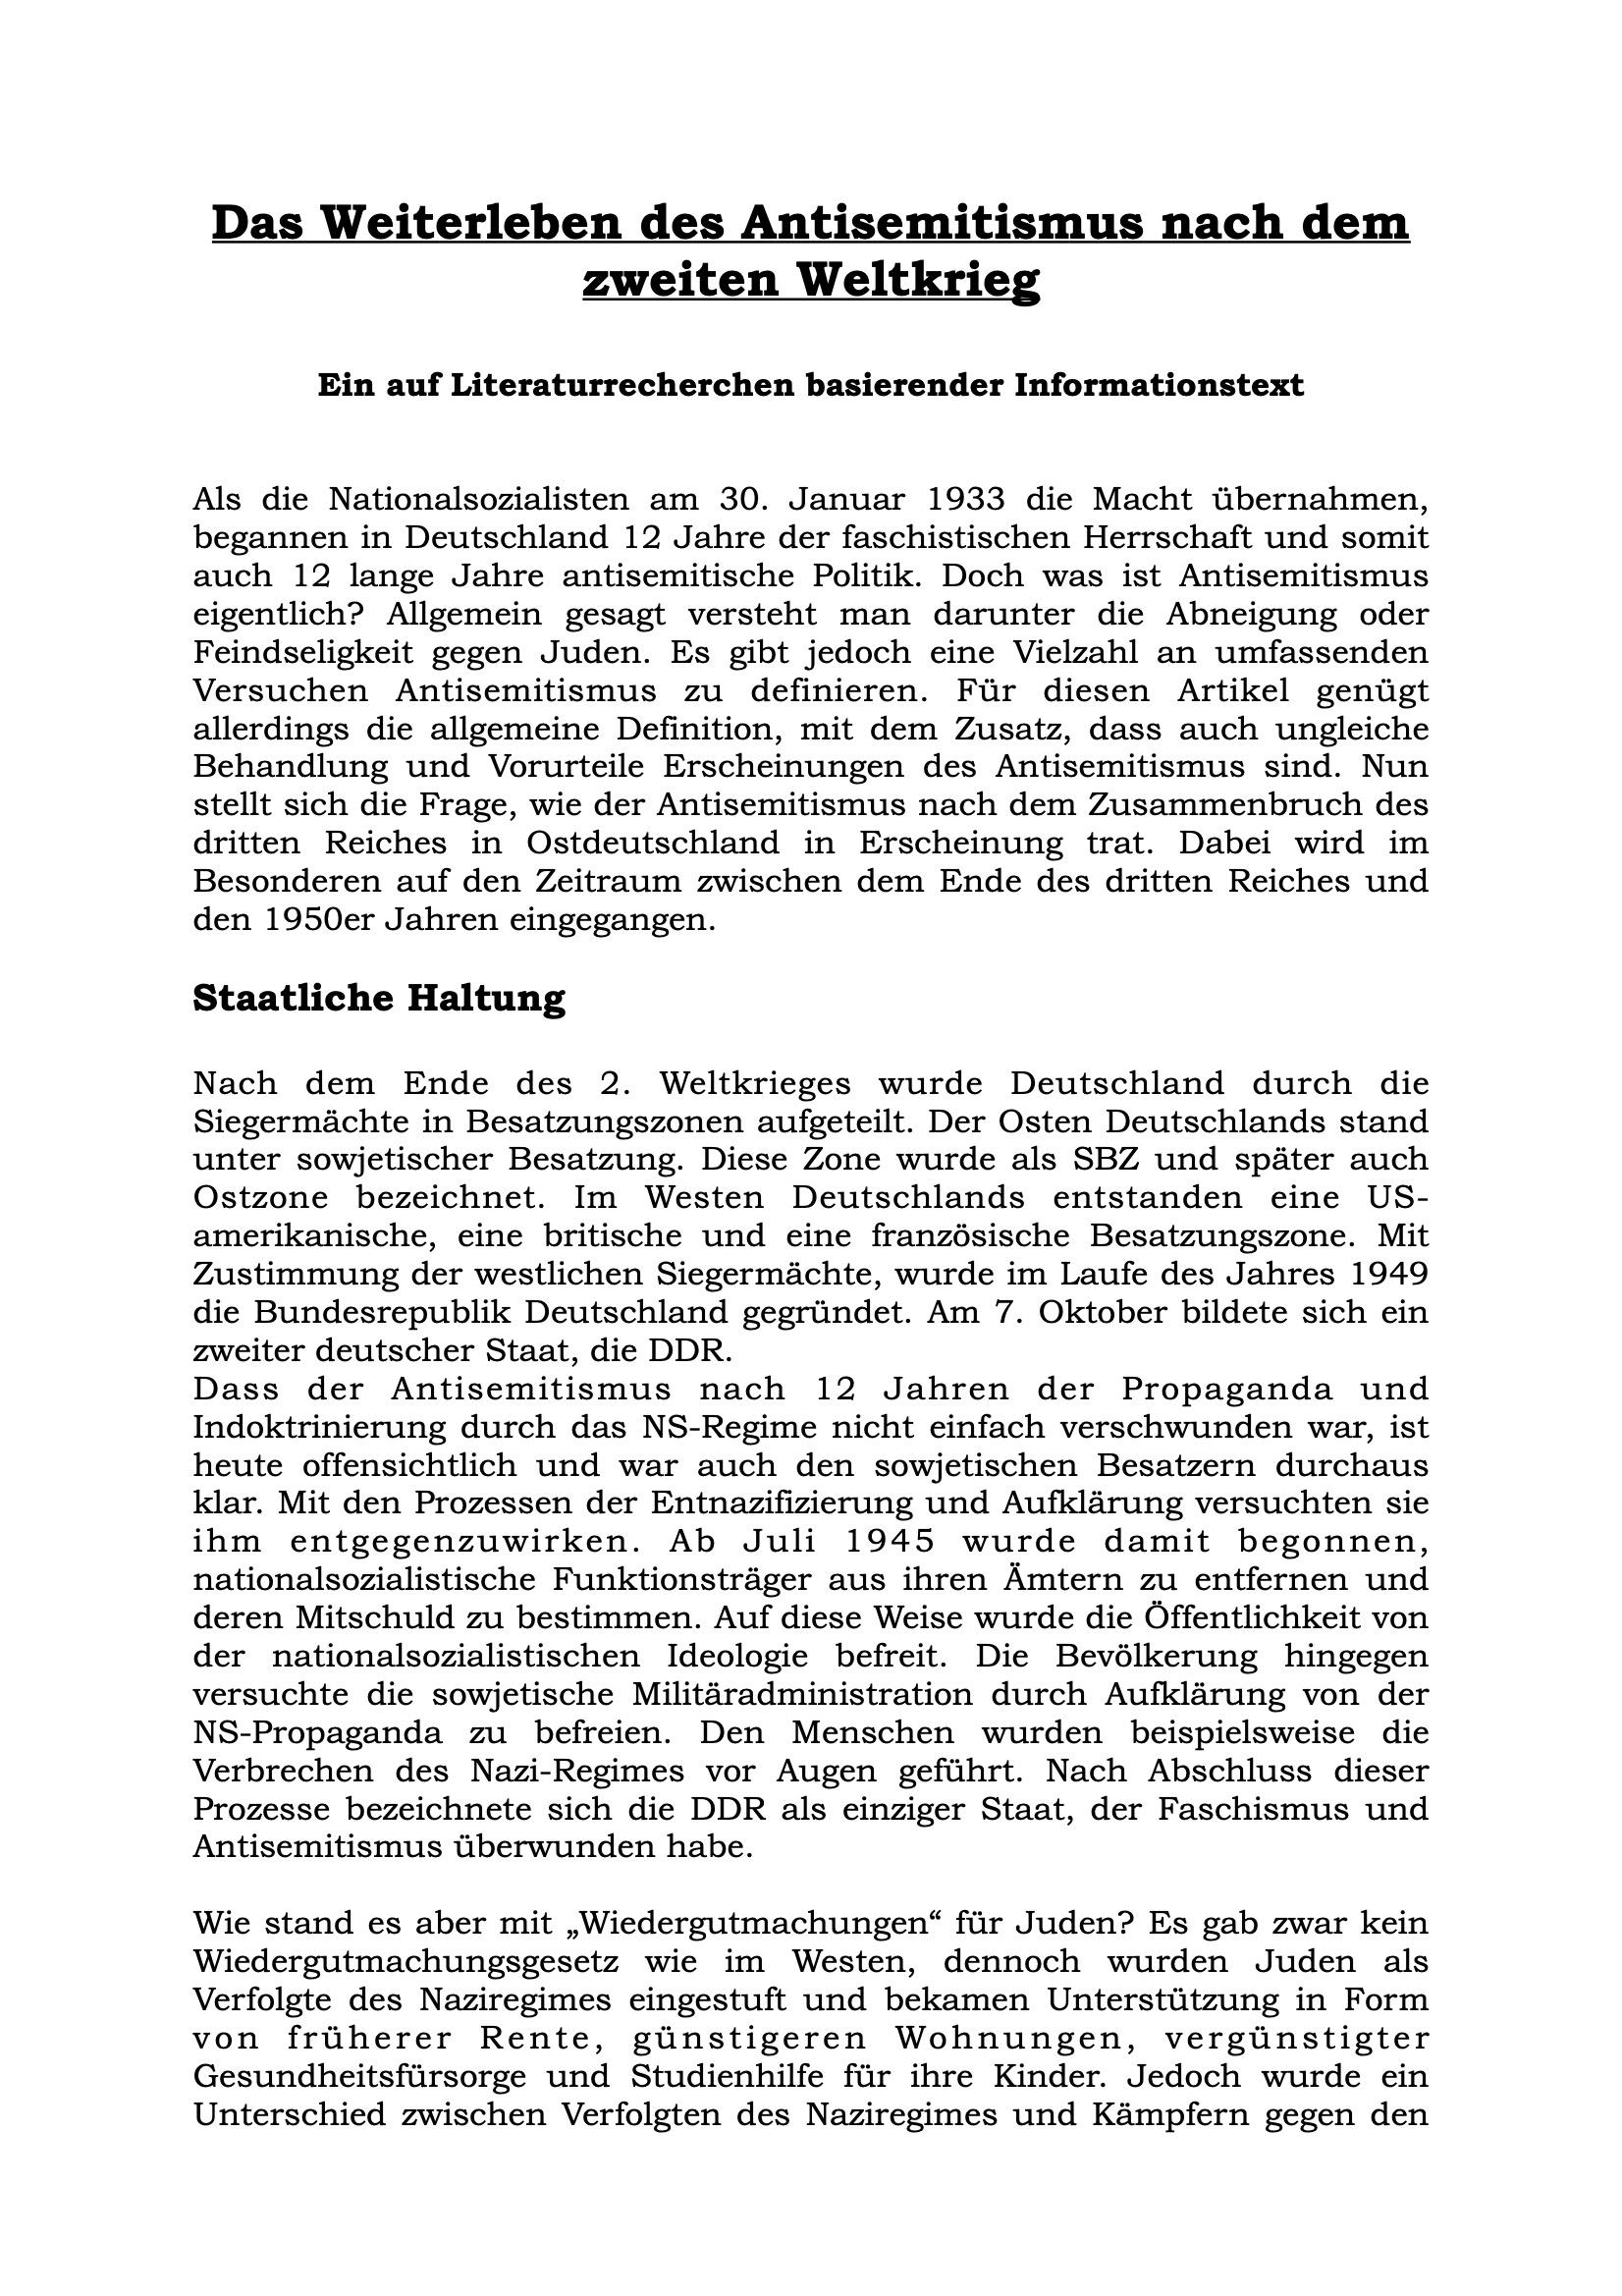 Artikel Antisemitismus nach dem Zweiten Weltkrieg-Seite 1